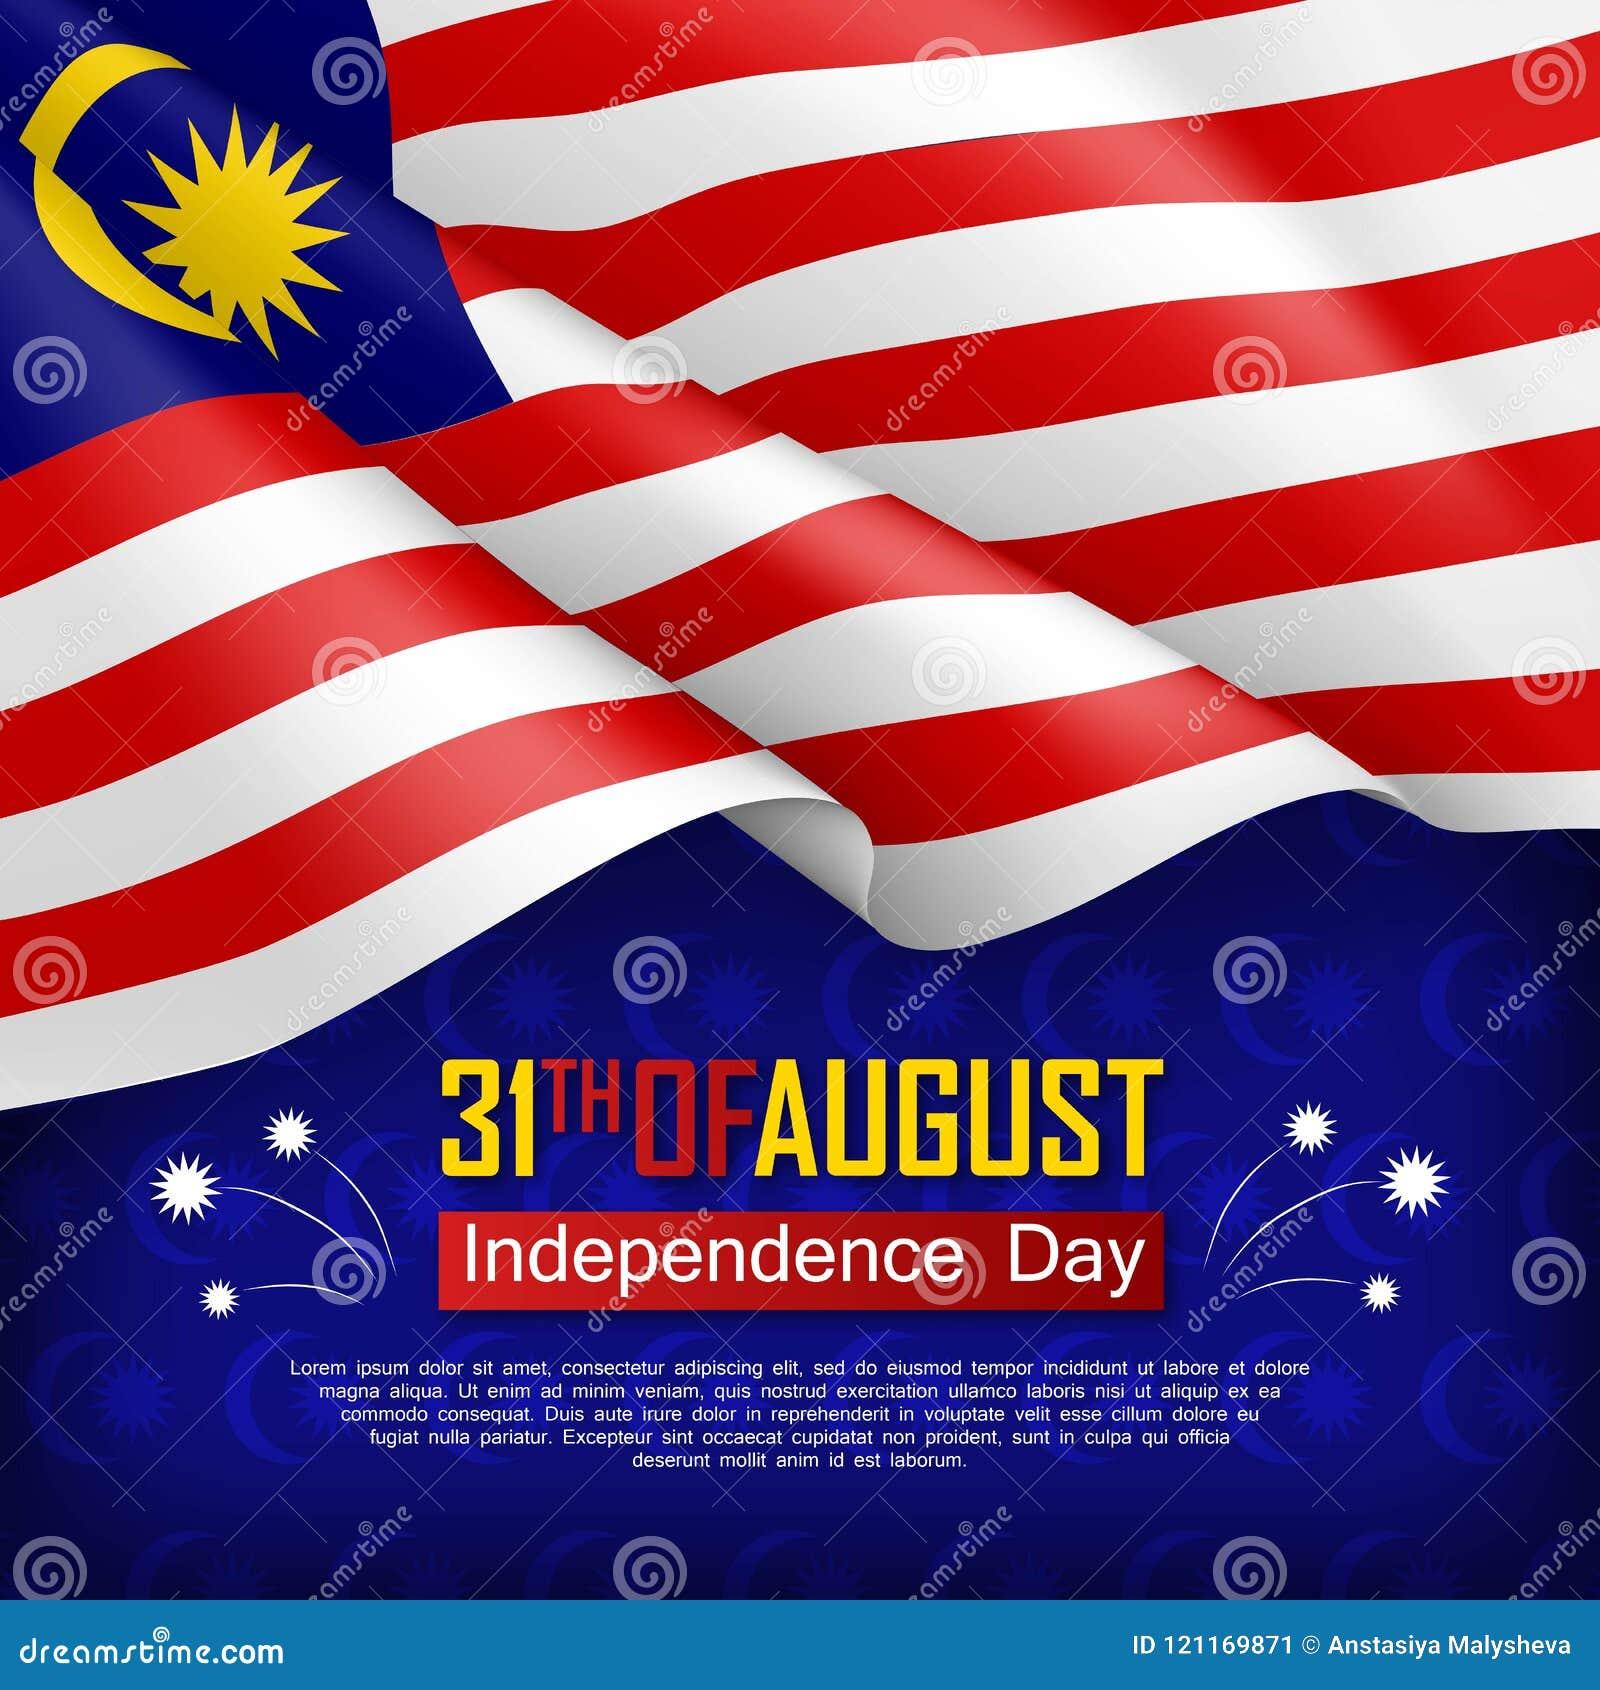 Праздничная иллюстрация Дня независимости